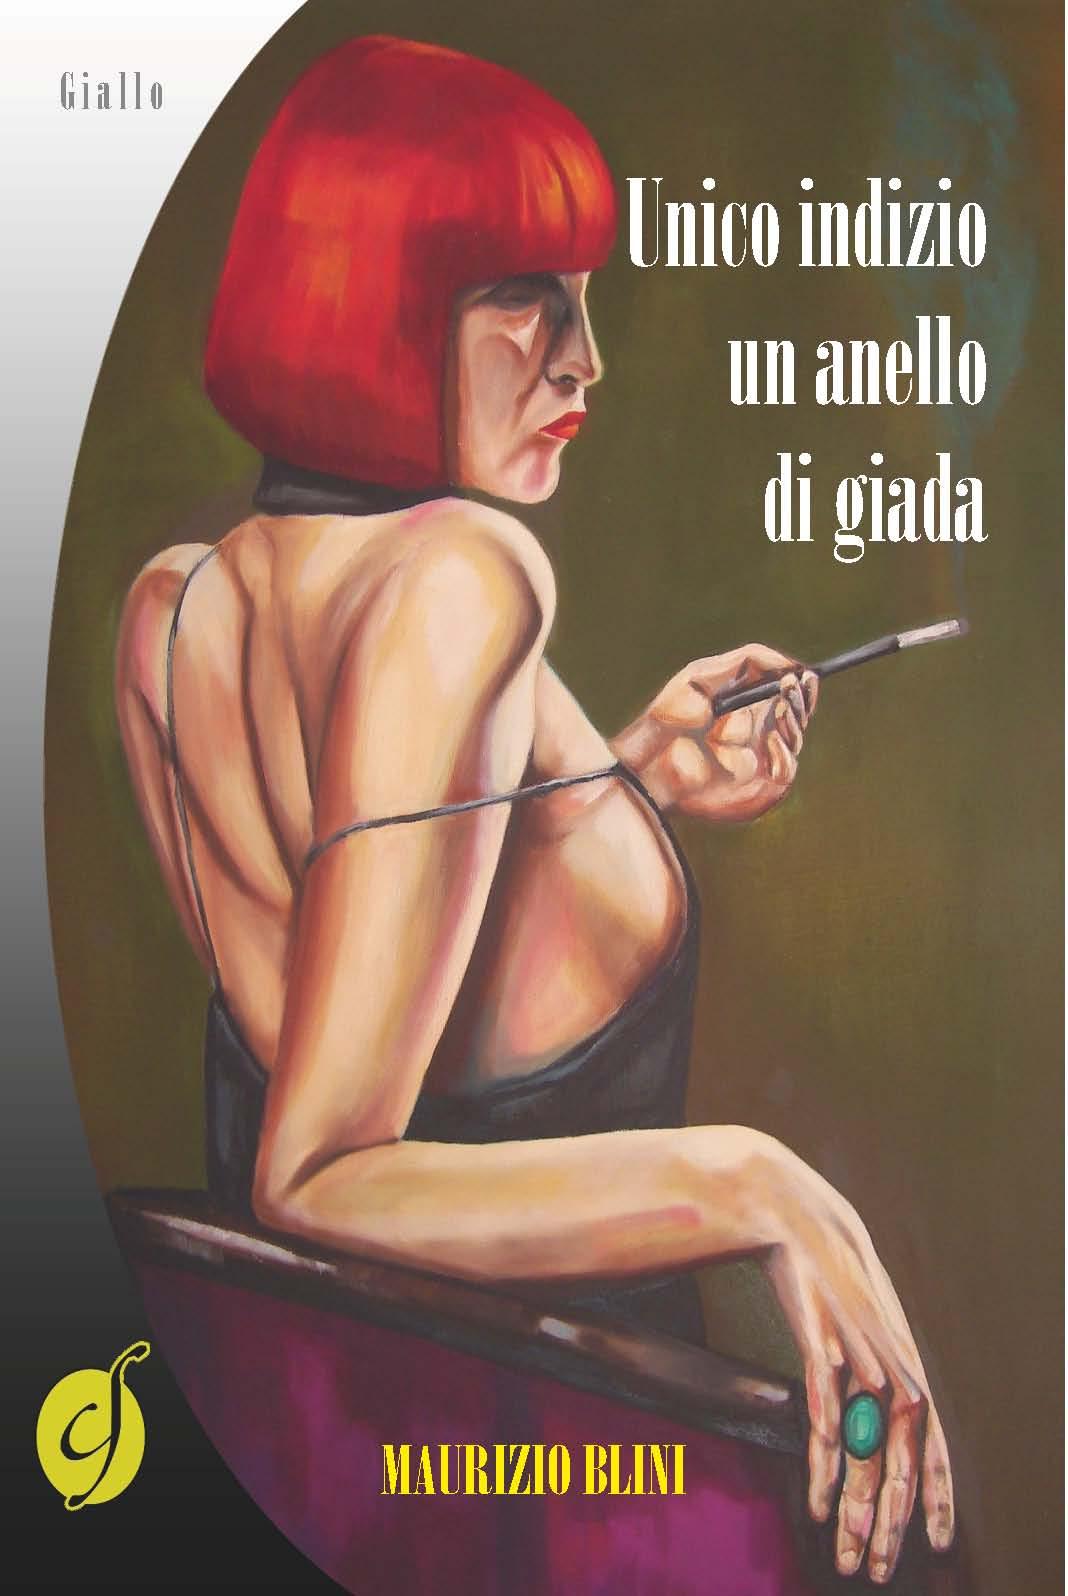 """""""Unico indizio un anello di giada"""": il nuovo romanzo di Blini alla libreria Marchia"""